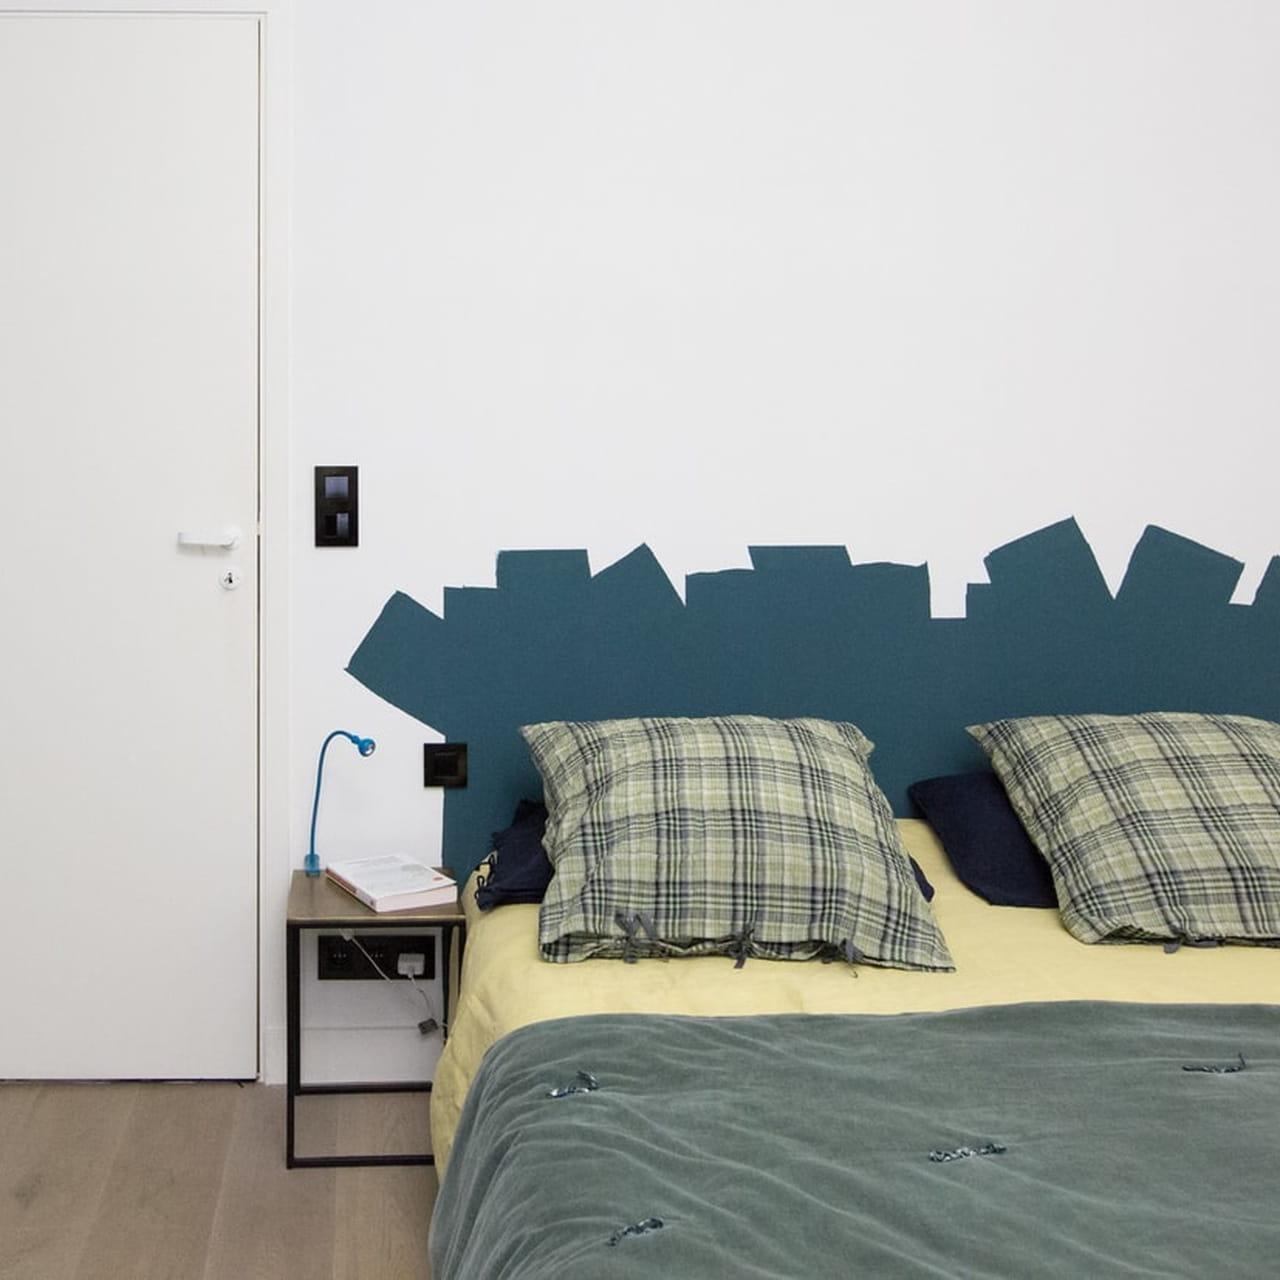 Comment faire une tête de lit en peinture ?